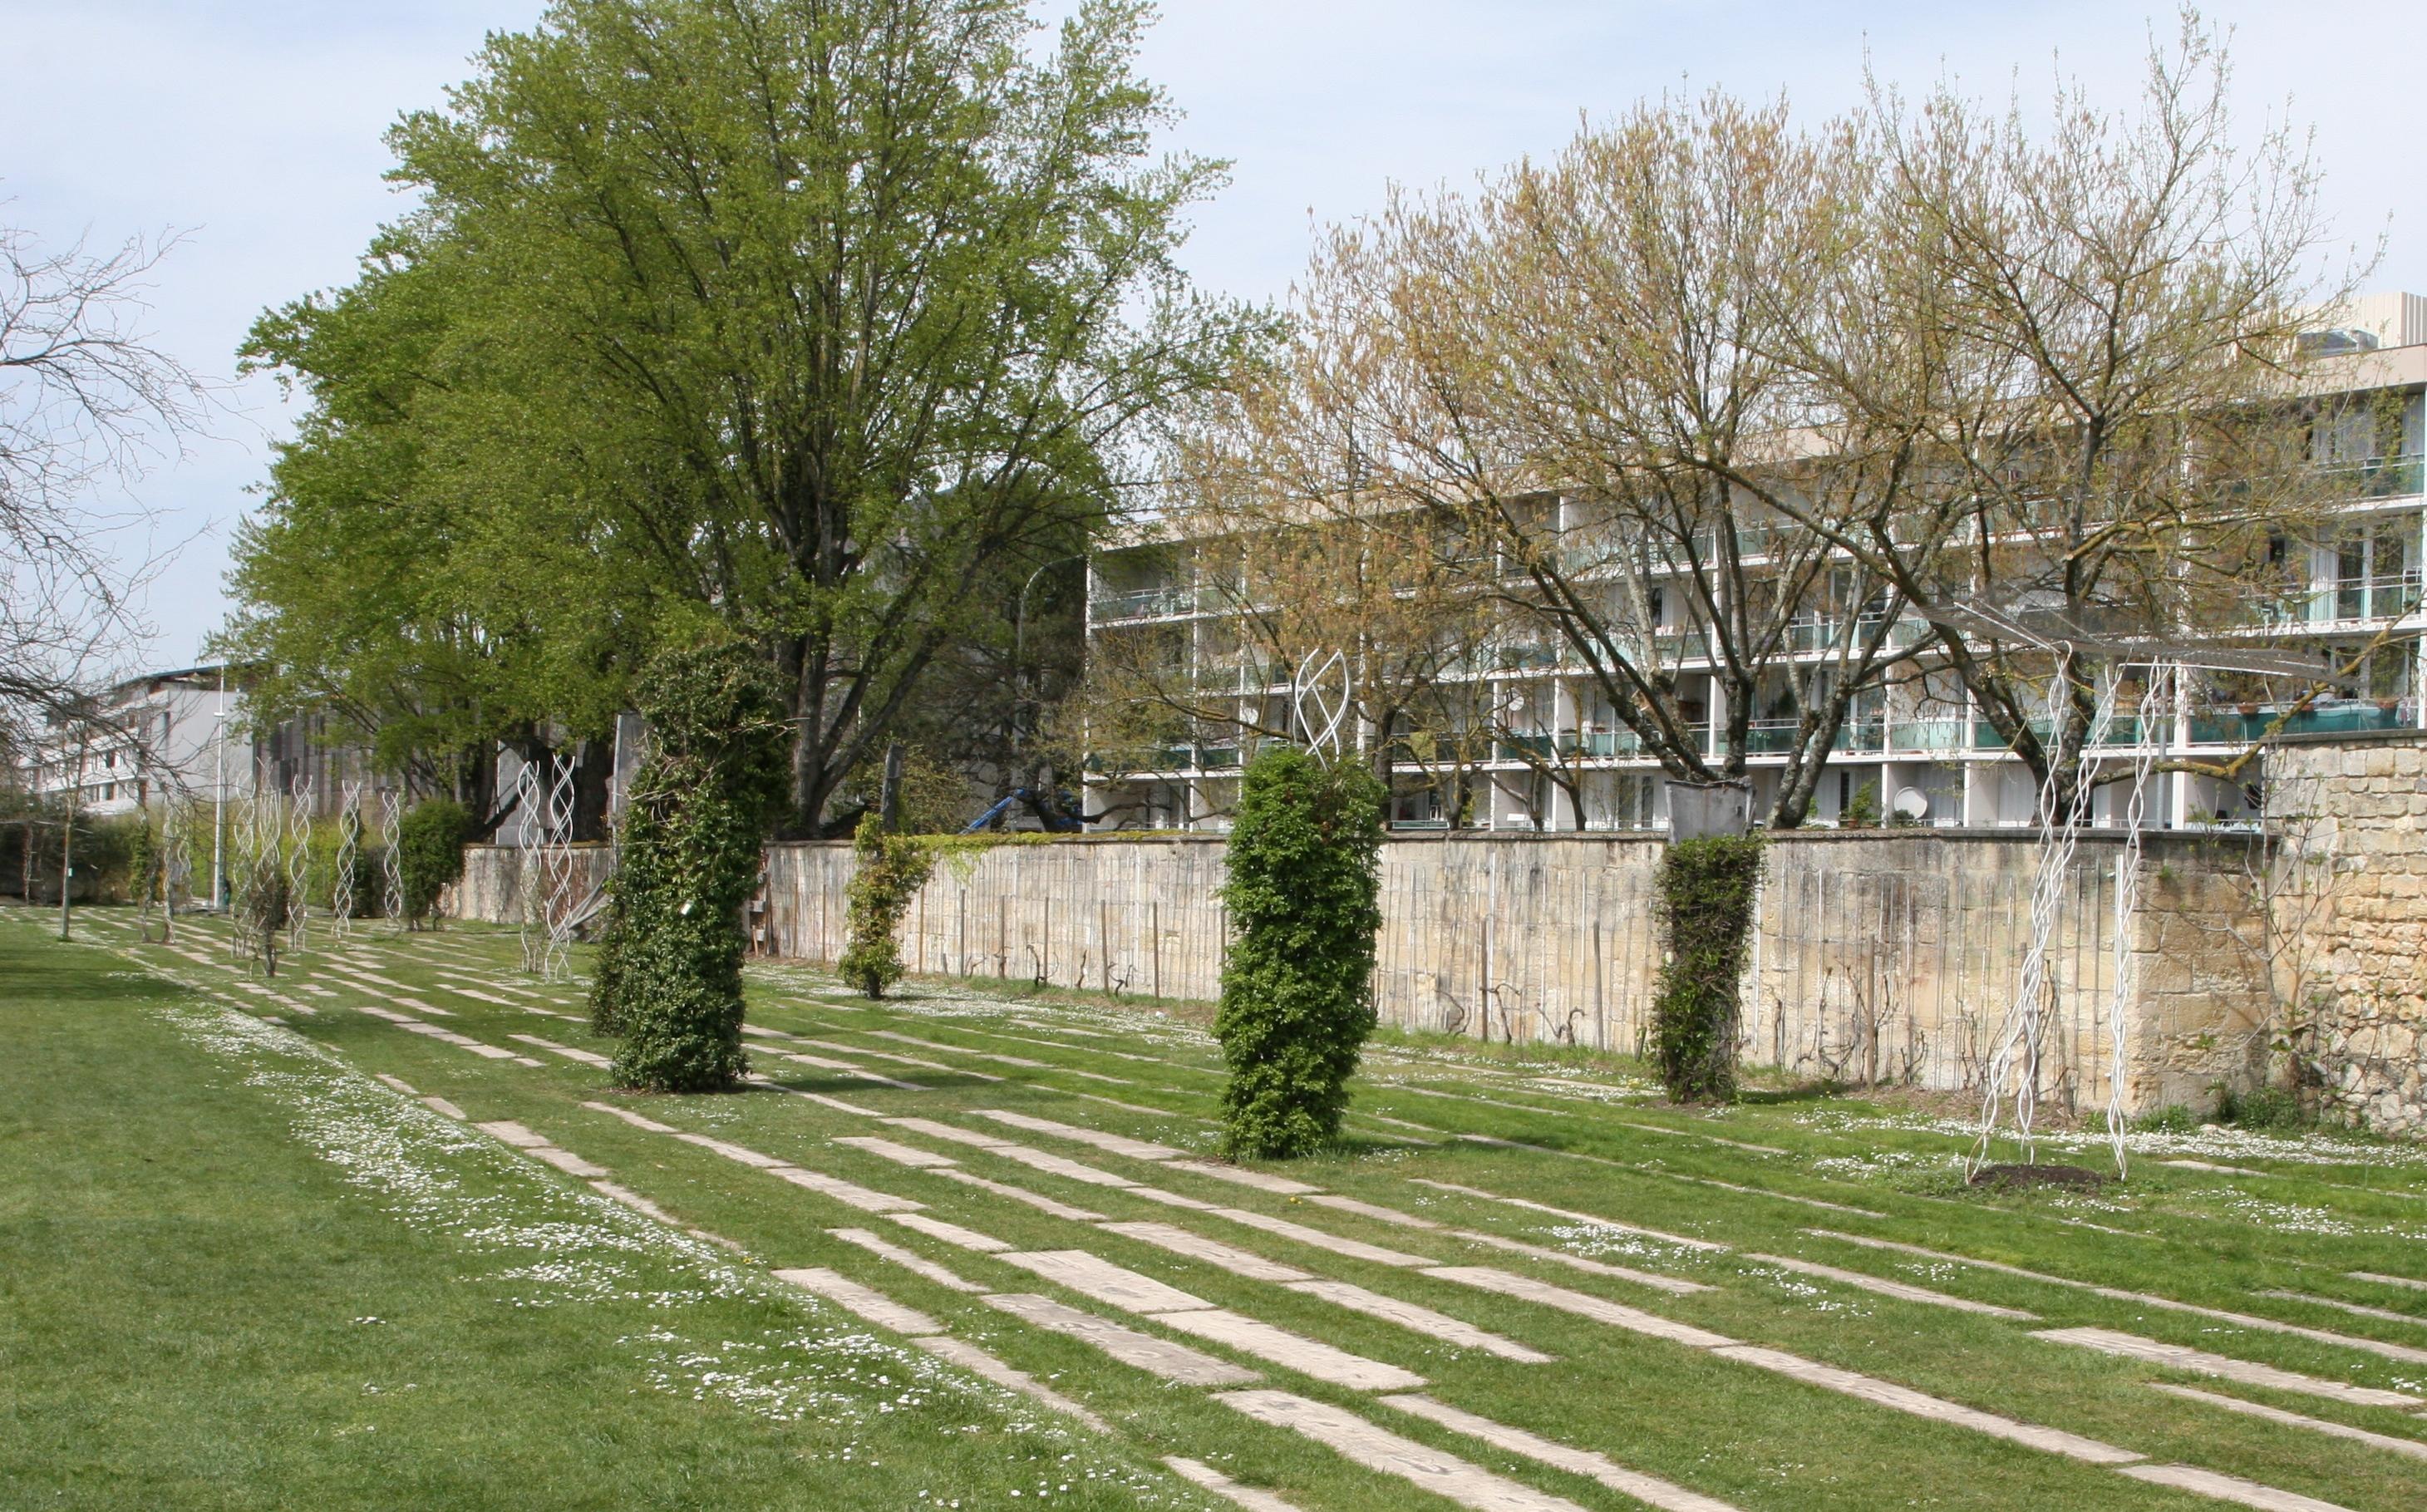 Le jardin vertical jardin botanique de bordeaux for Appartement bordeaux jardin botanique